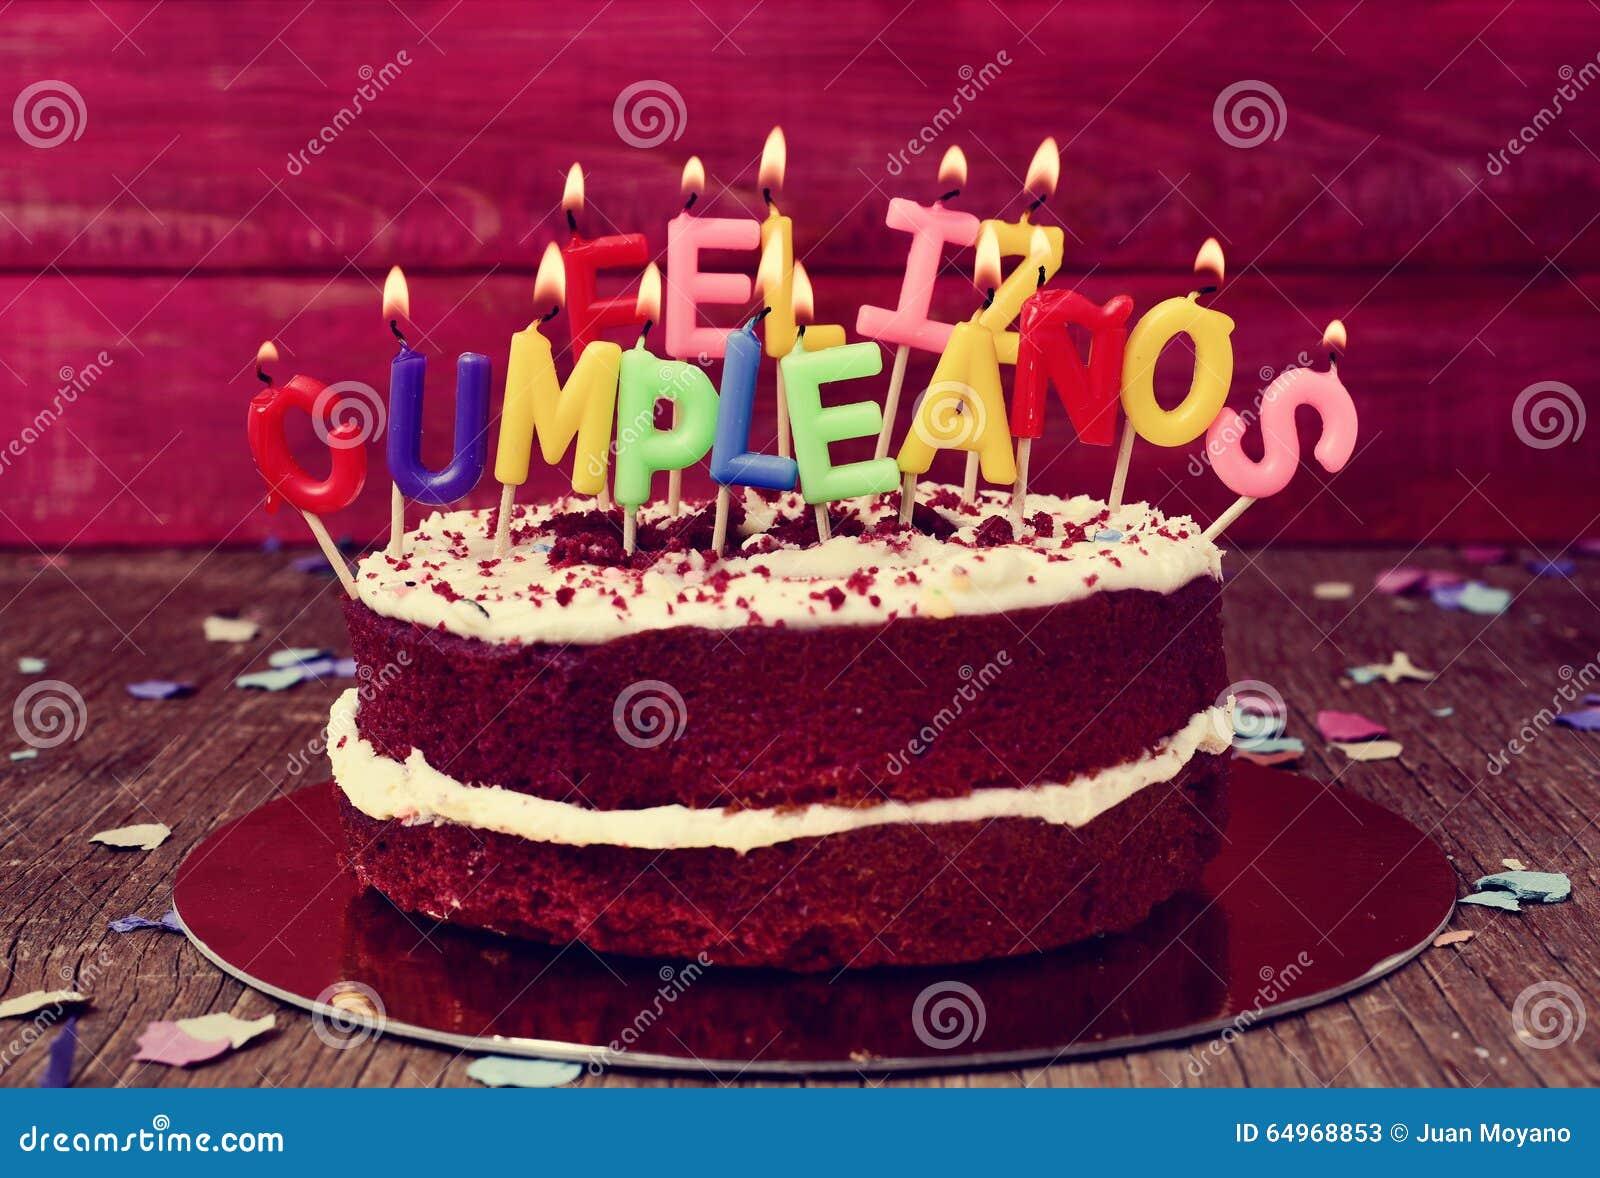 Cumpleanos Di Feliz, Buon Compleanno Nello Spagnolo Immagine Stock